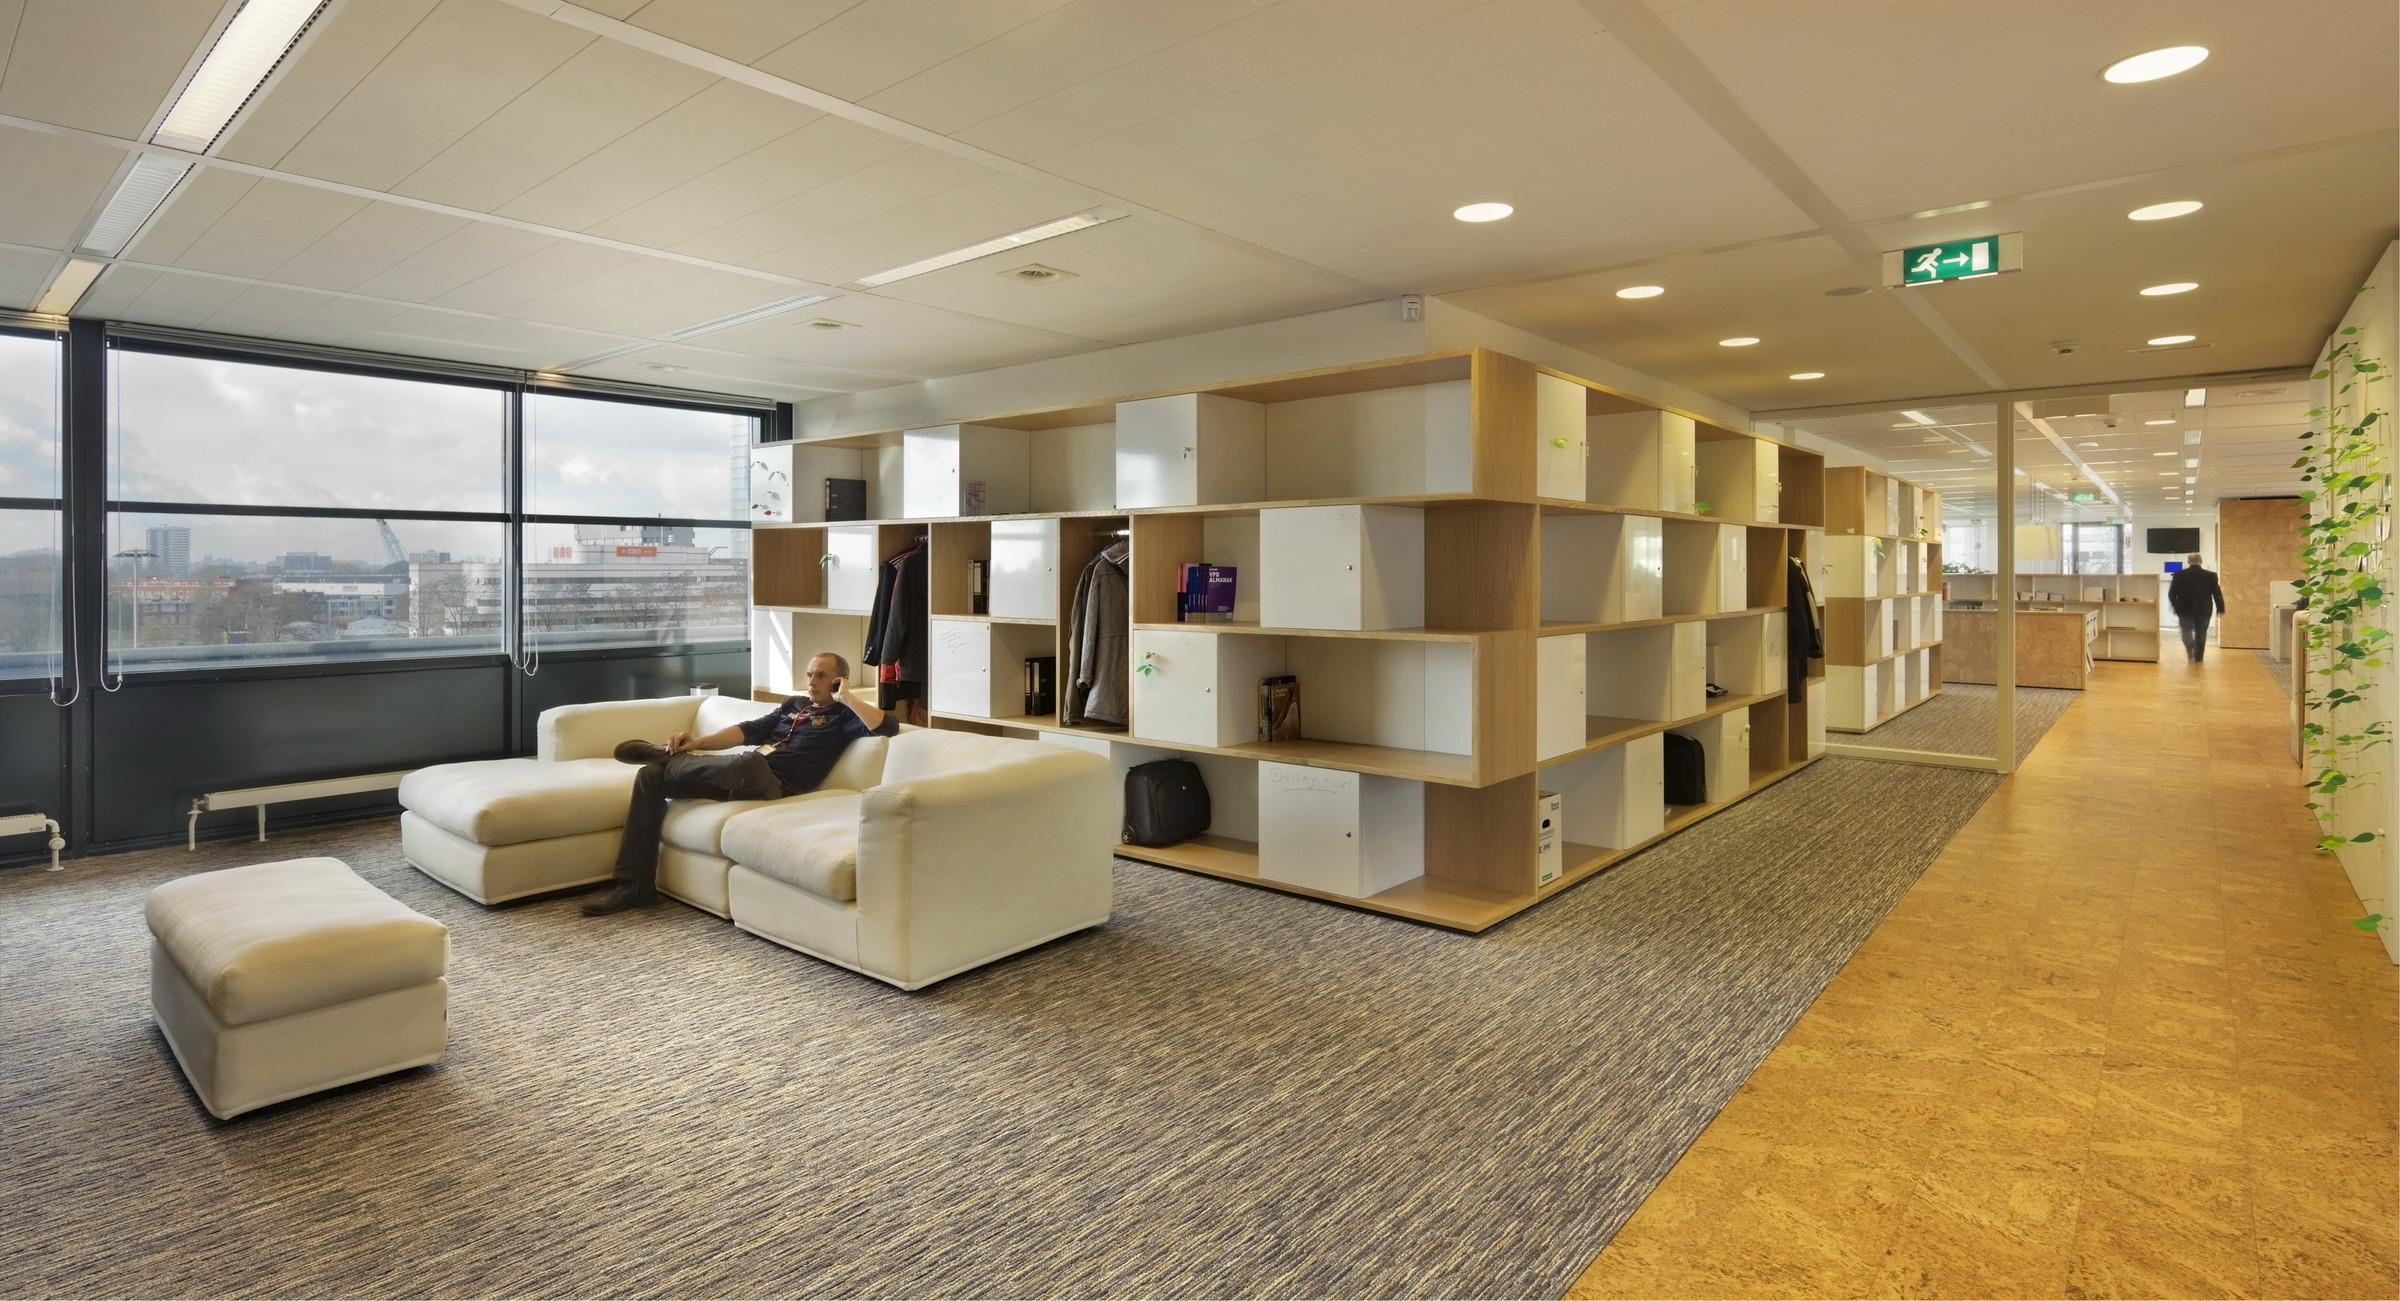 Belastingsdienst utrecht zecc architecten for Kantoor interieur design